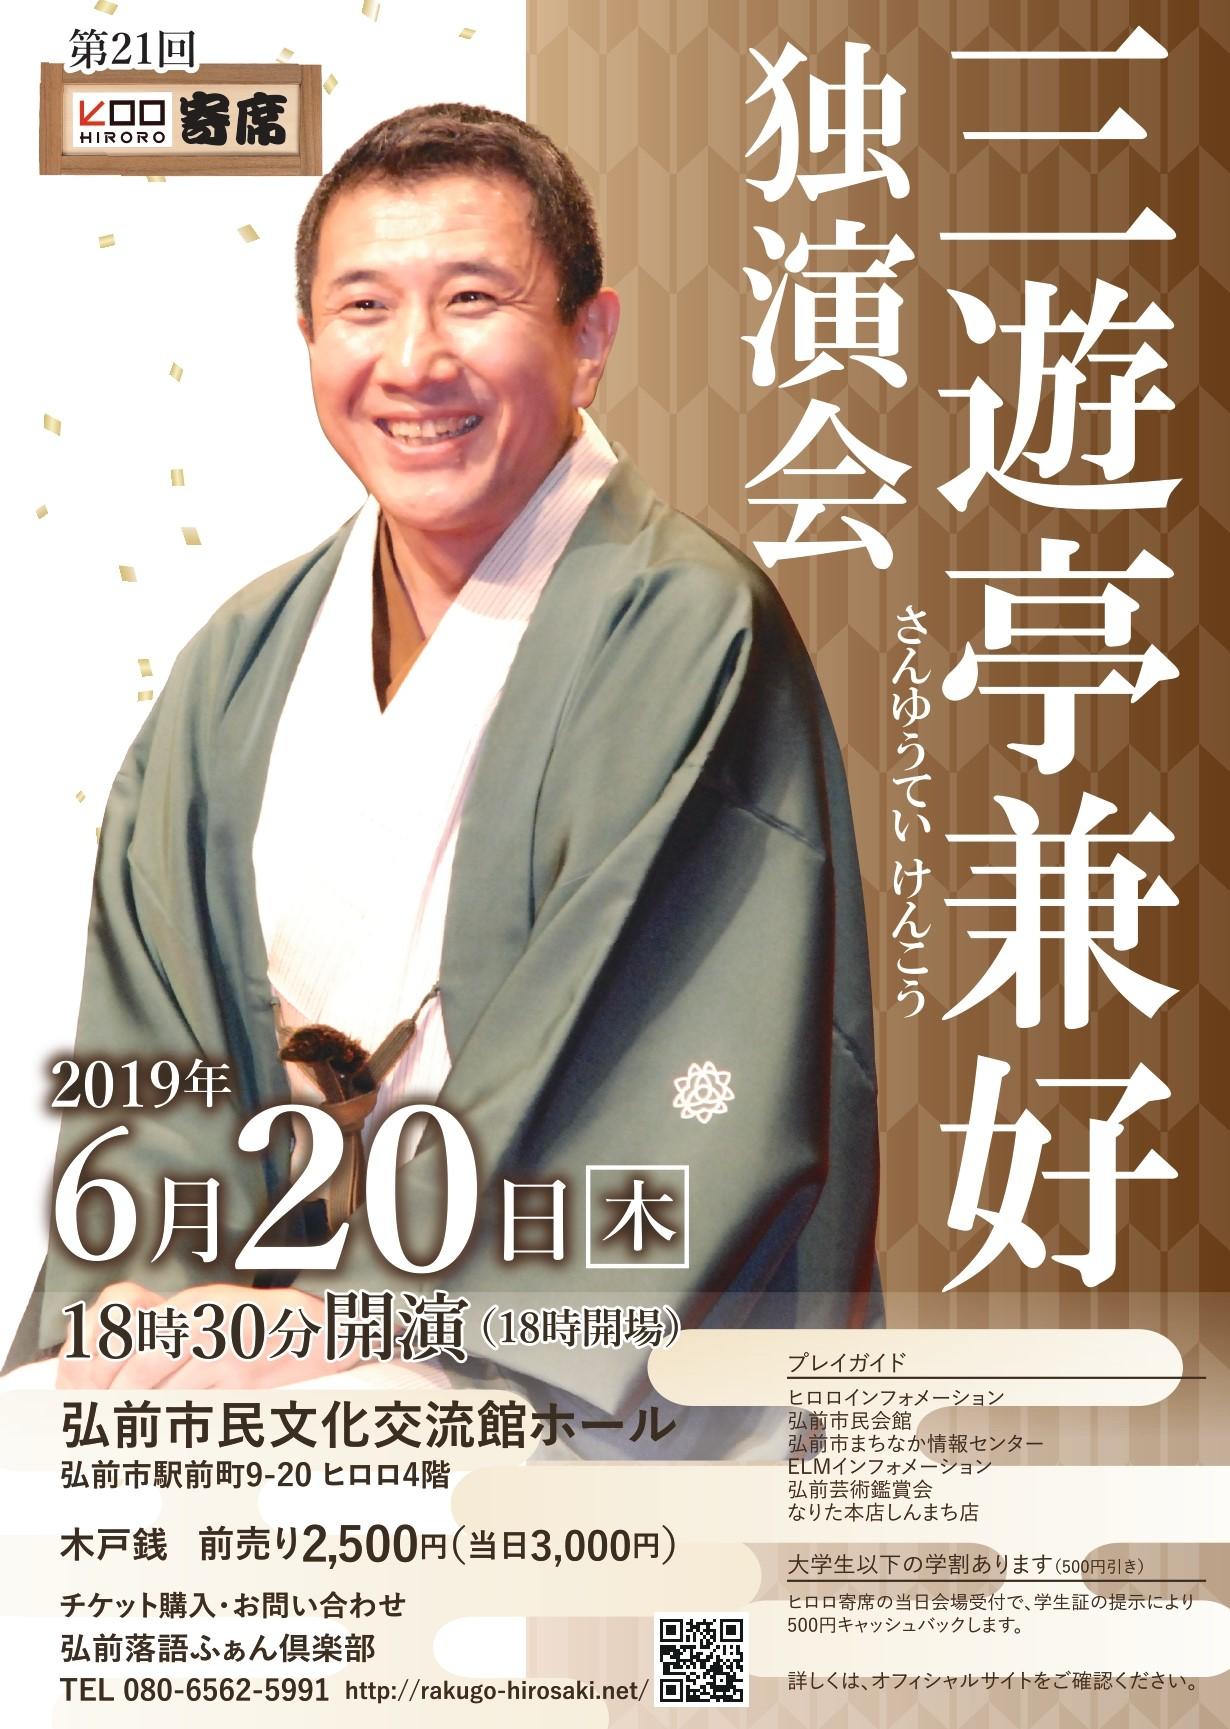 第21回ヒロロ寄席 三遊亭兼好独演会